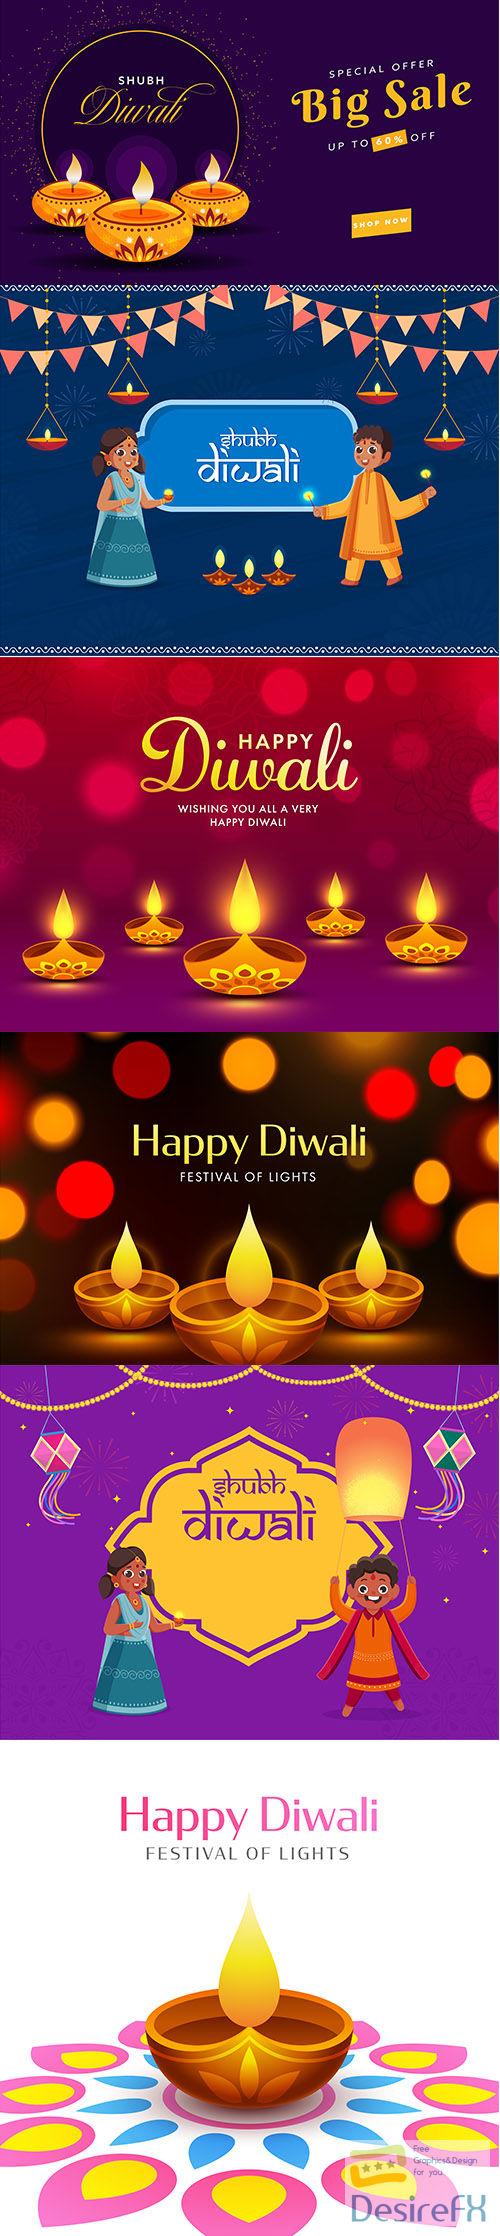 Diwali big sale banner design discount offer